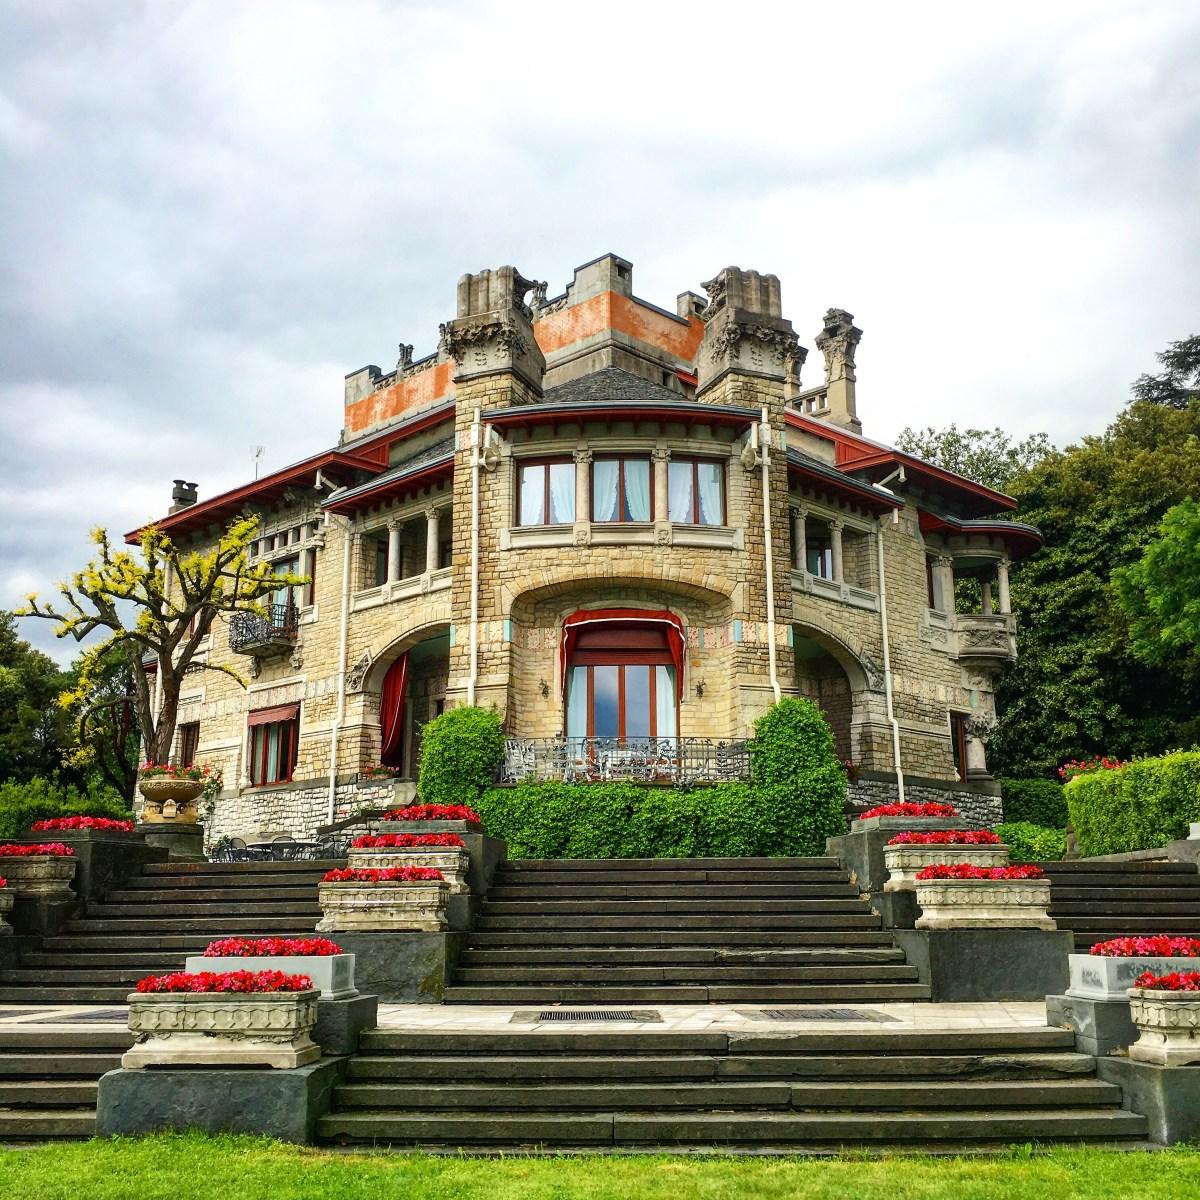 Visitare Villa Faccanoni a Sarnico, capitale del Liberty, una domenica mattina di primavera